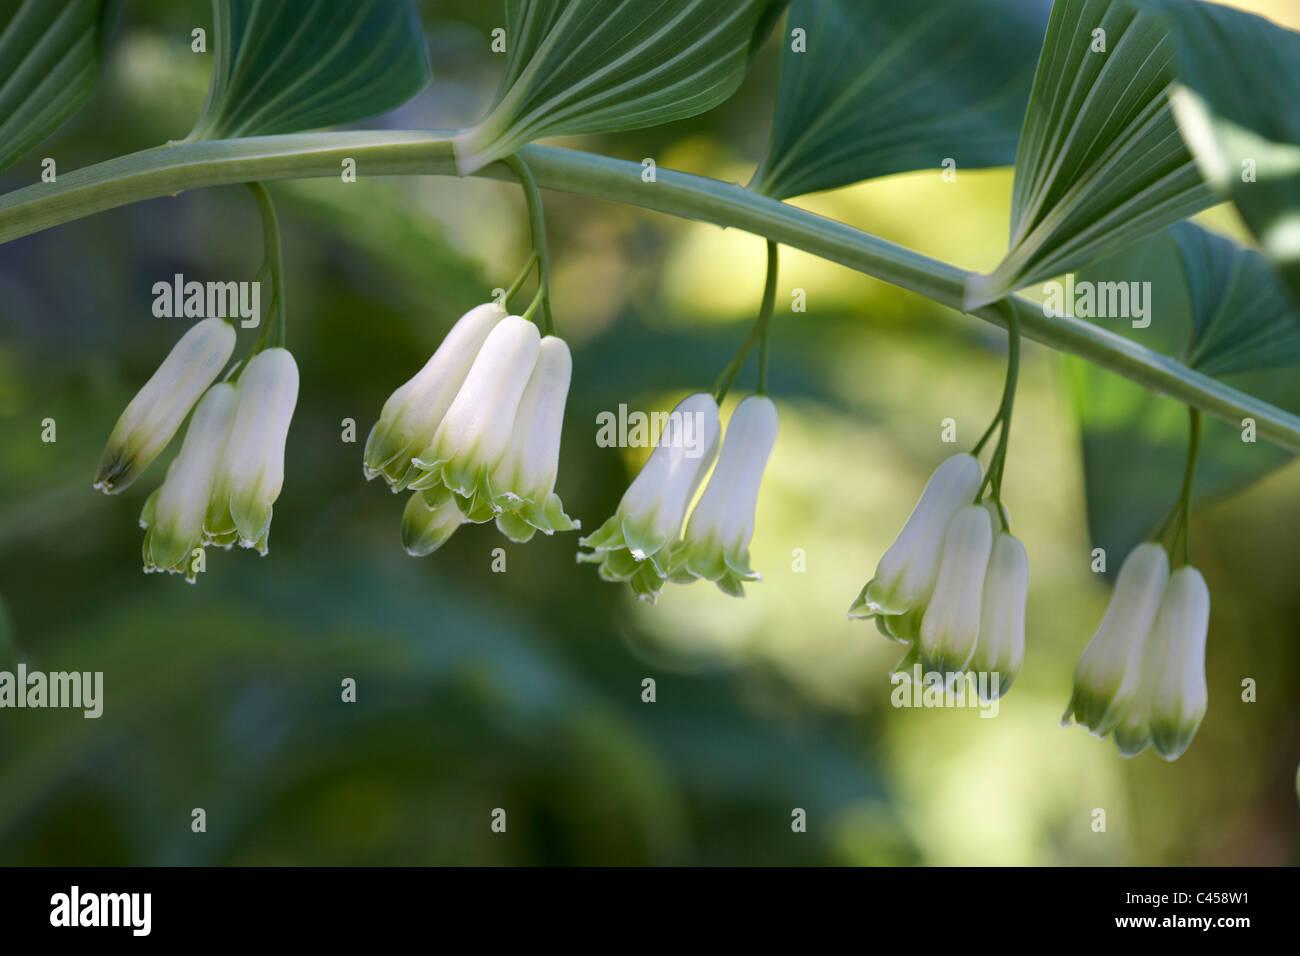 Tubular white flowers stock photos tubular white flowers stock tubular white flowers polygonatum odoatum solomons seal stock image mightylinksfo